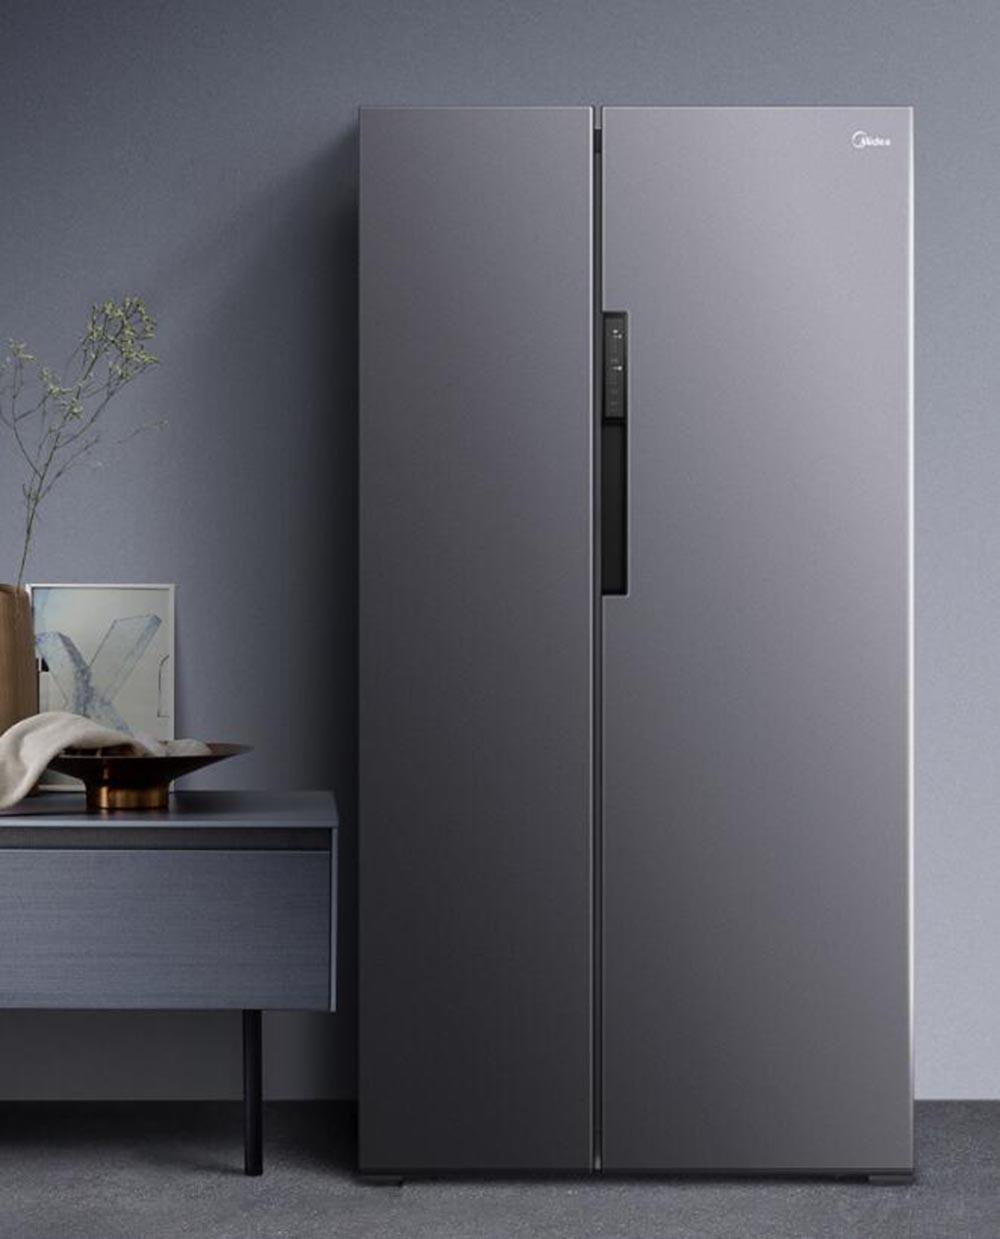 避免高额电费支出 十款节能冰箱降低功耗